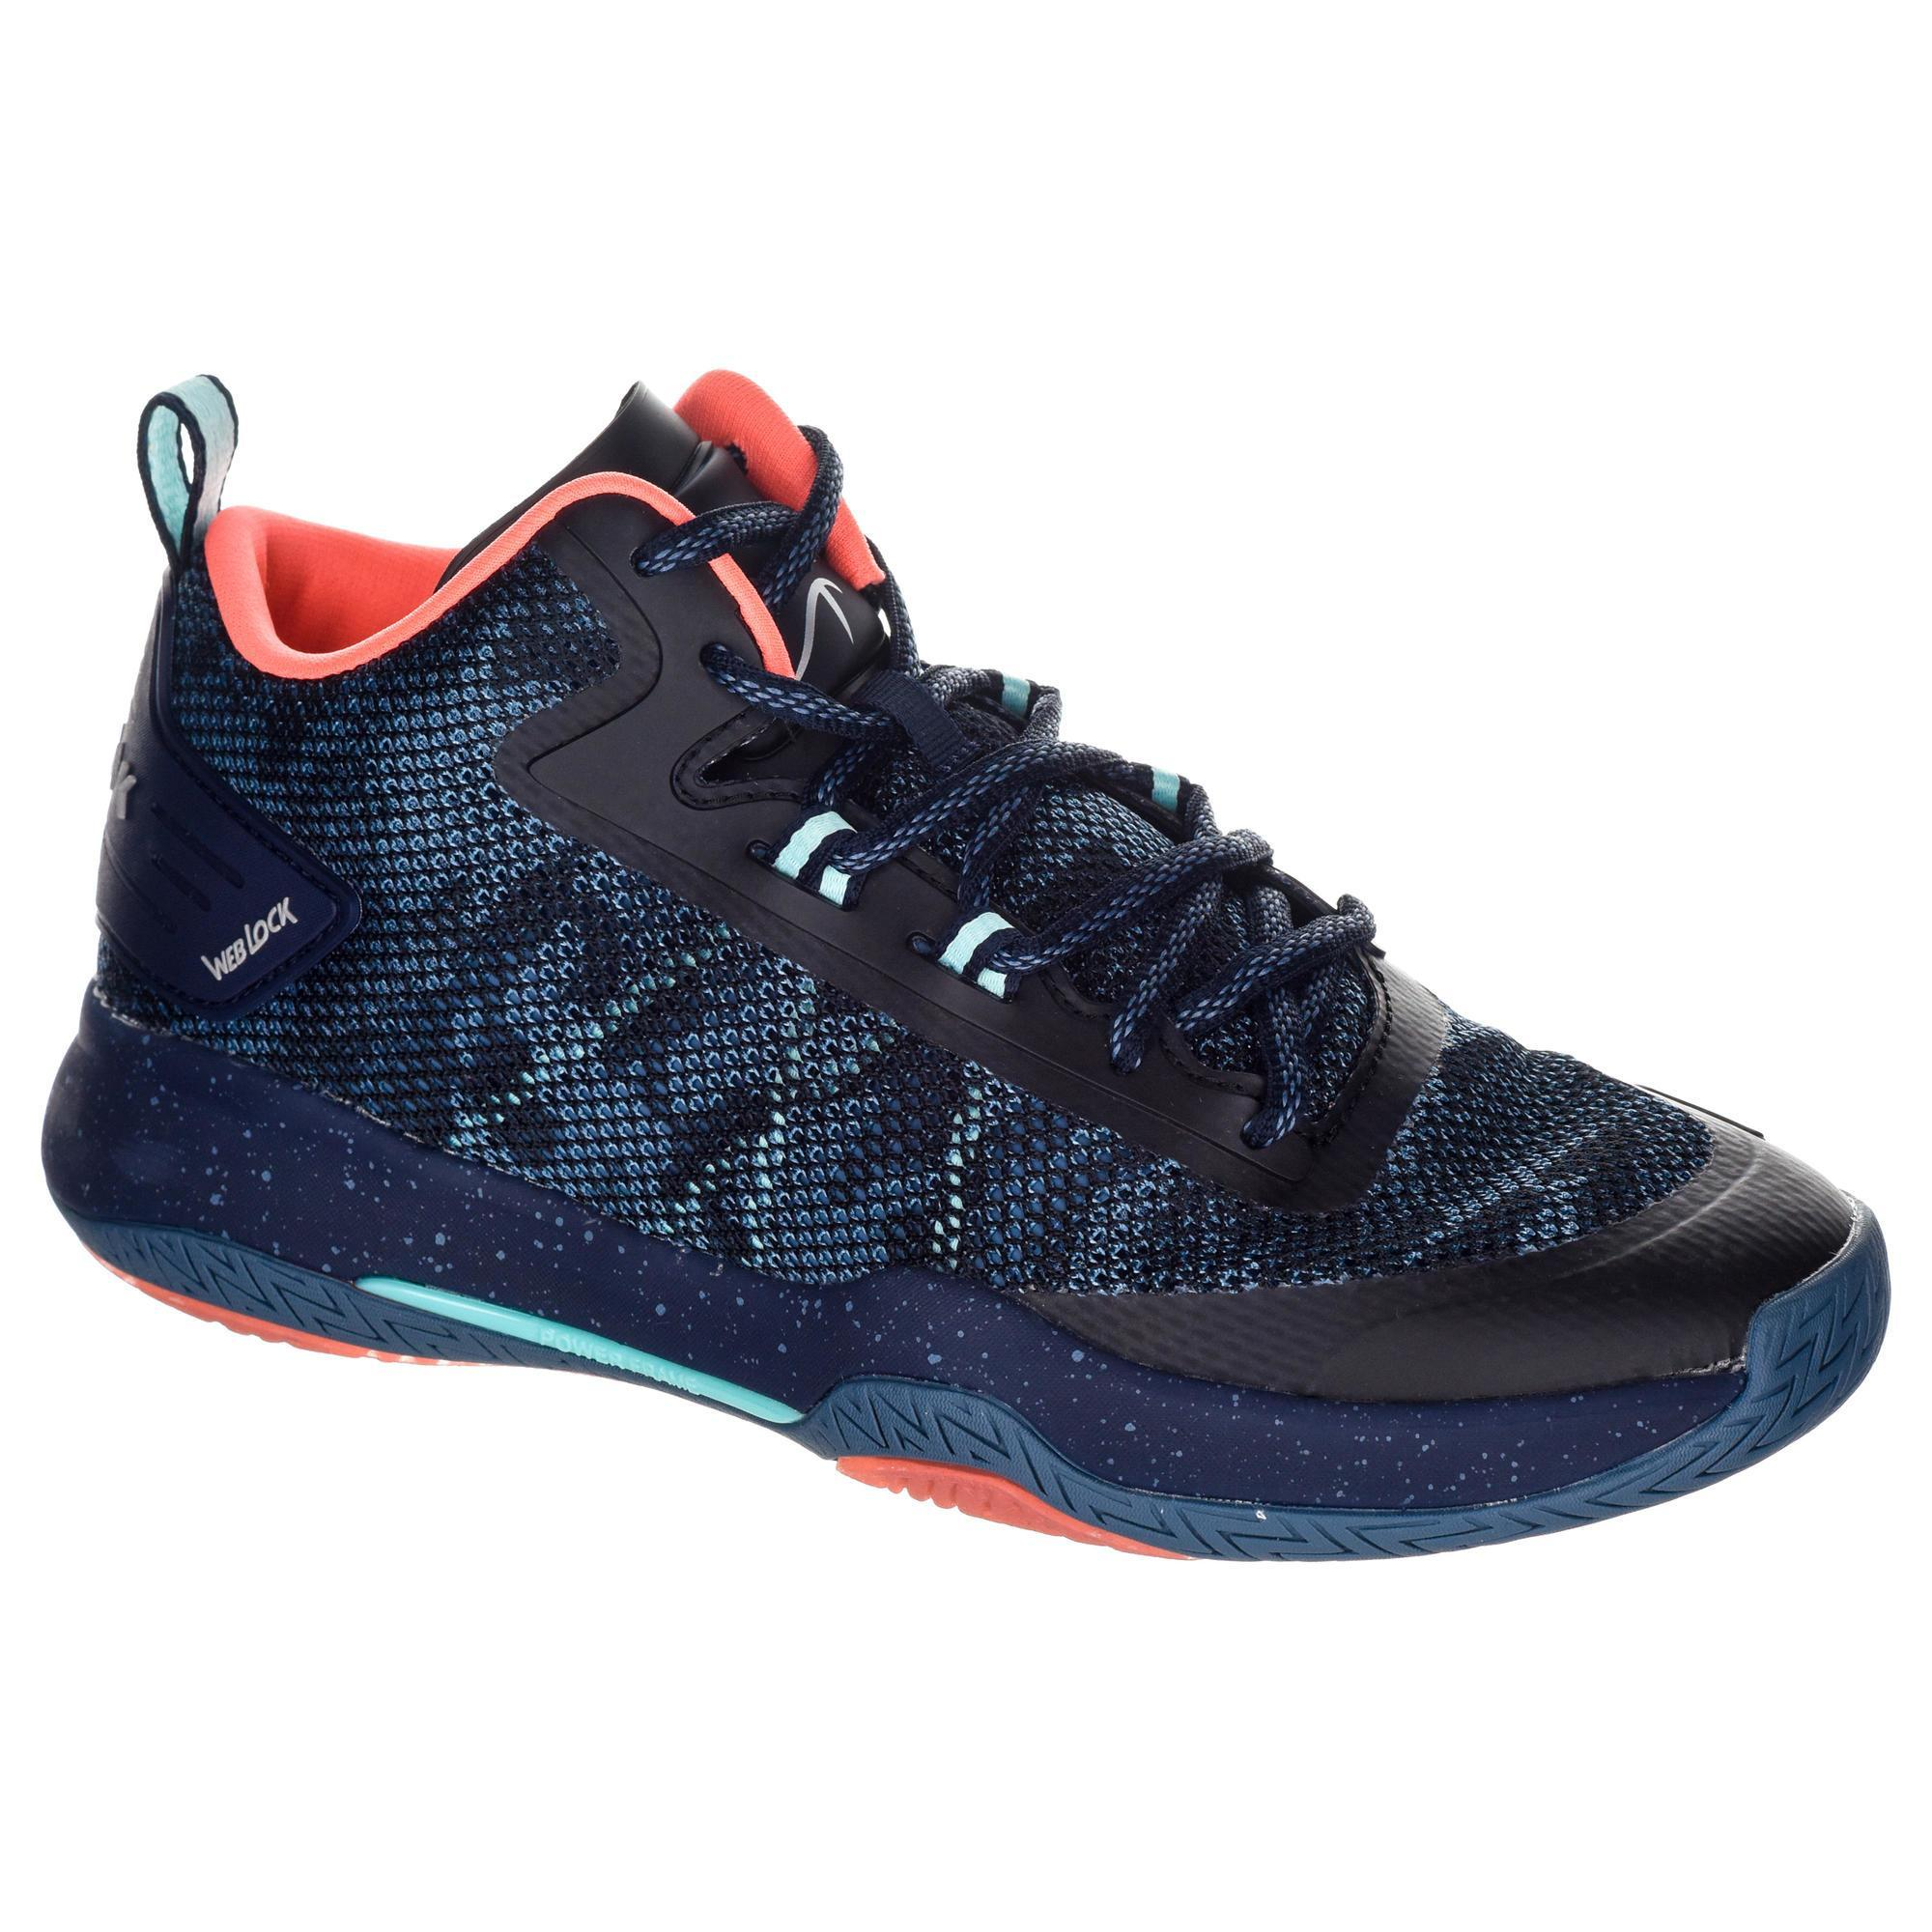 2588943 Tarmak Basketbalschoenen volwassene H/D halfgevorderden SC 500 mid zwart roze turquoise